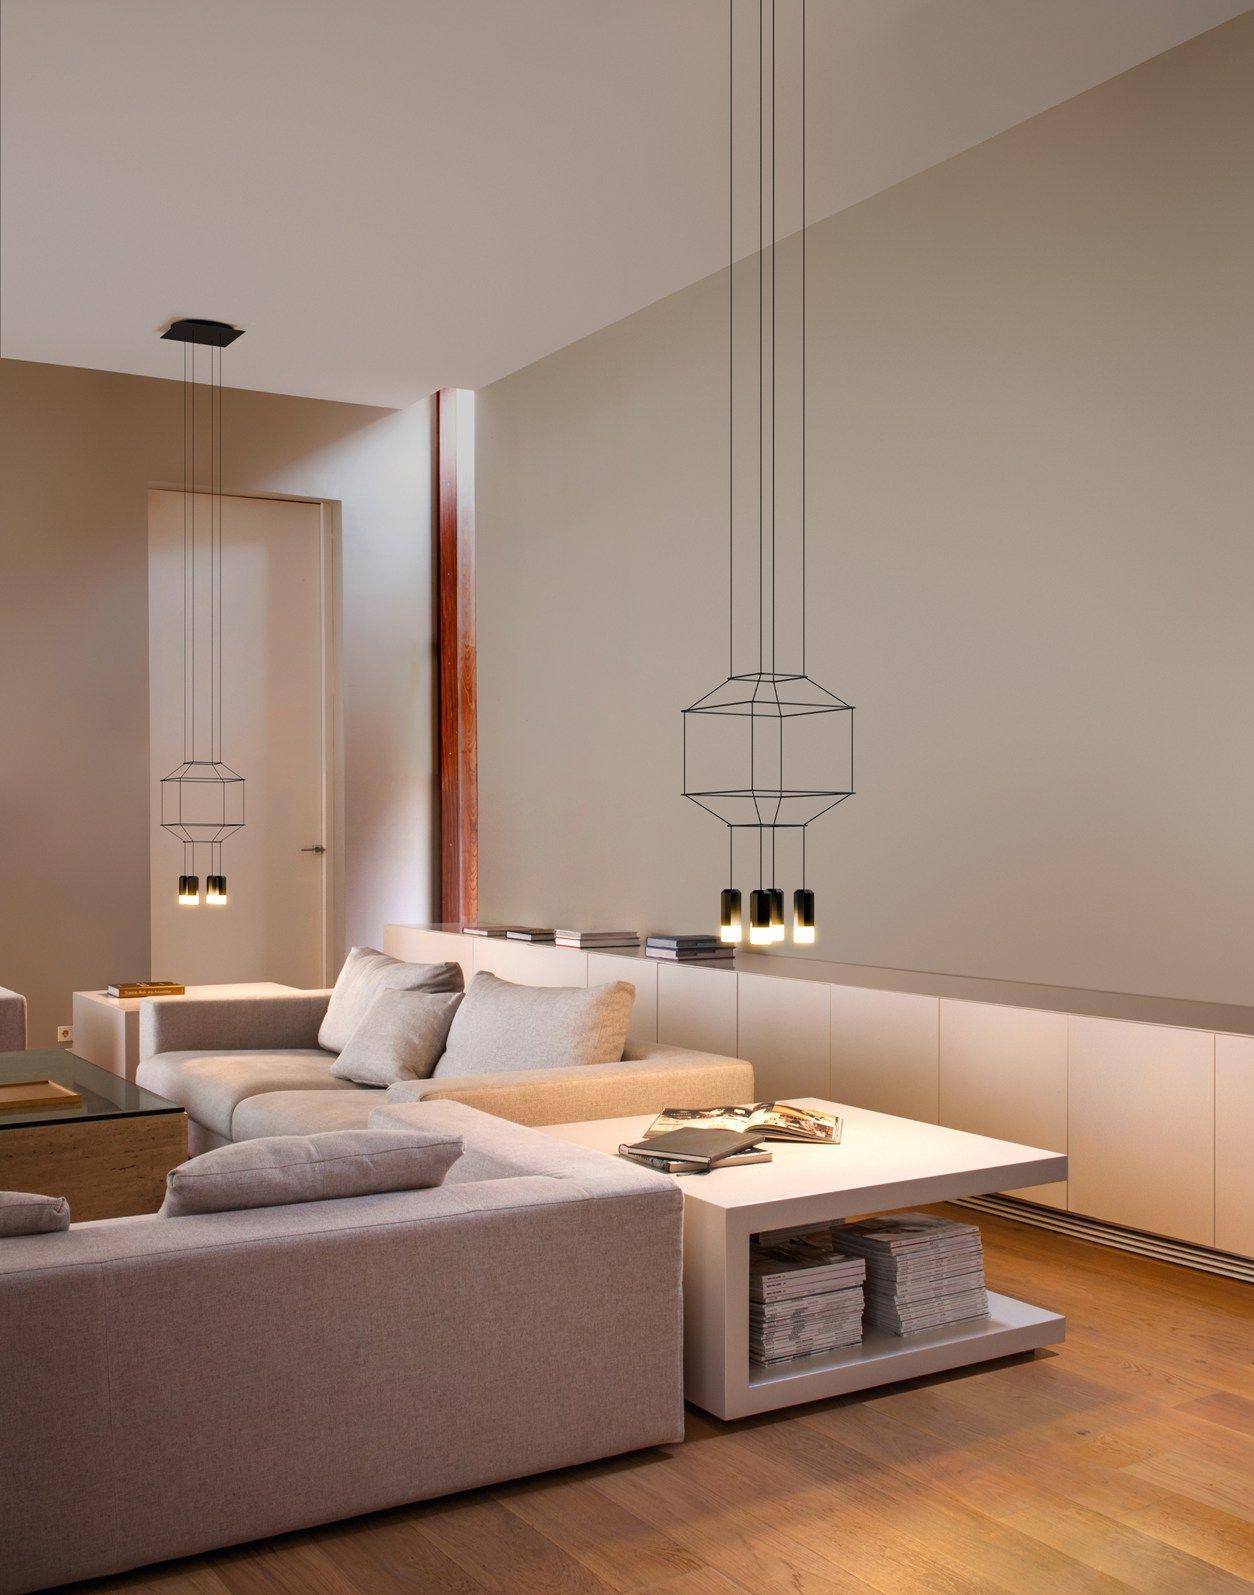 Punto luce minimal o scultura geometrica? Illuminare la zona living ...